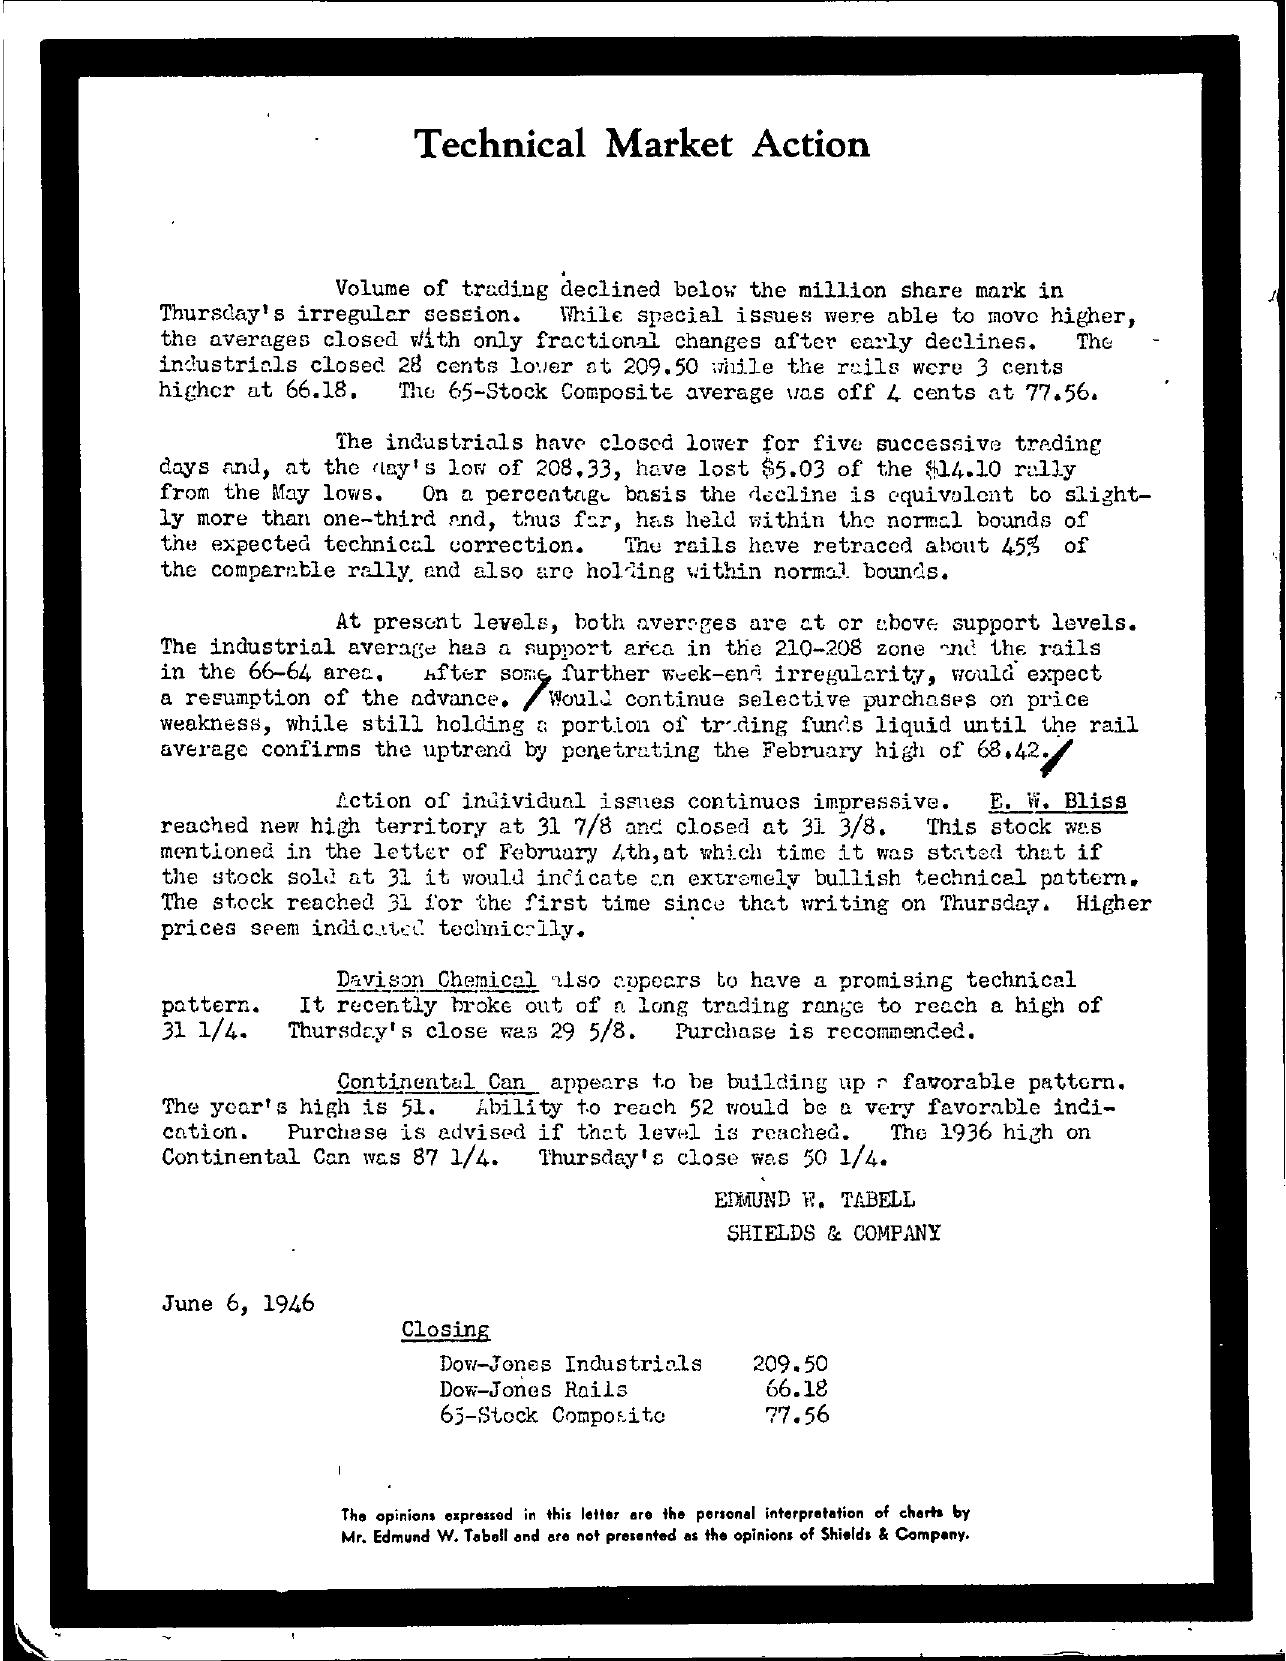 Tabell's Market Letter - June 06, 1946